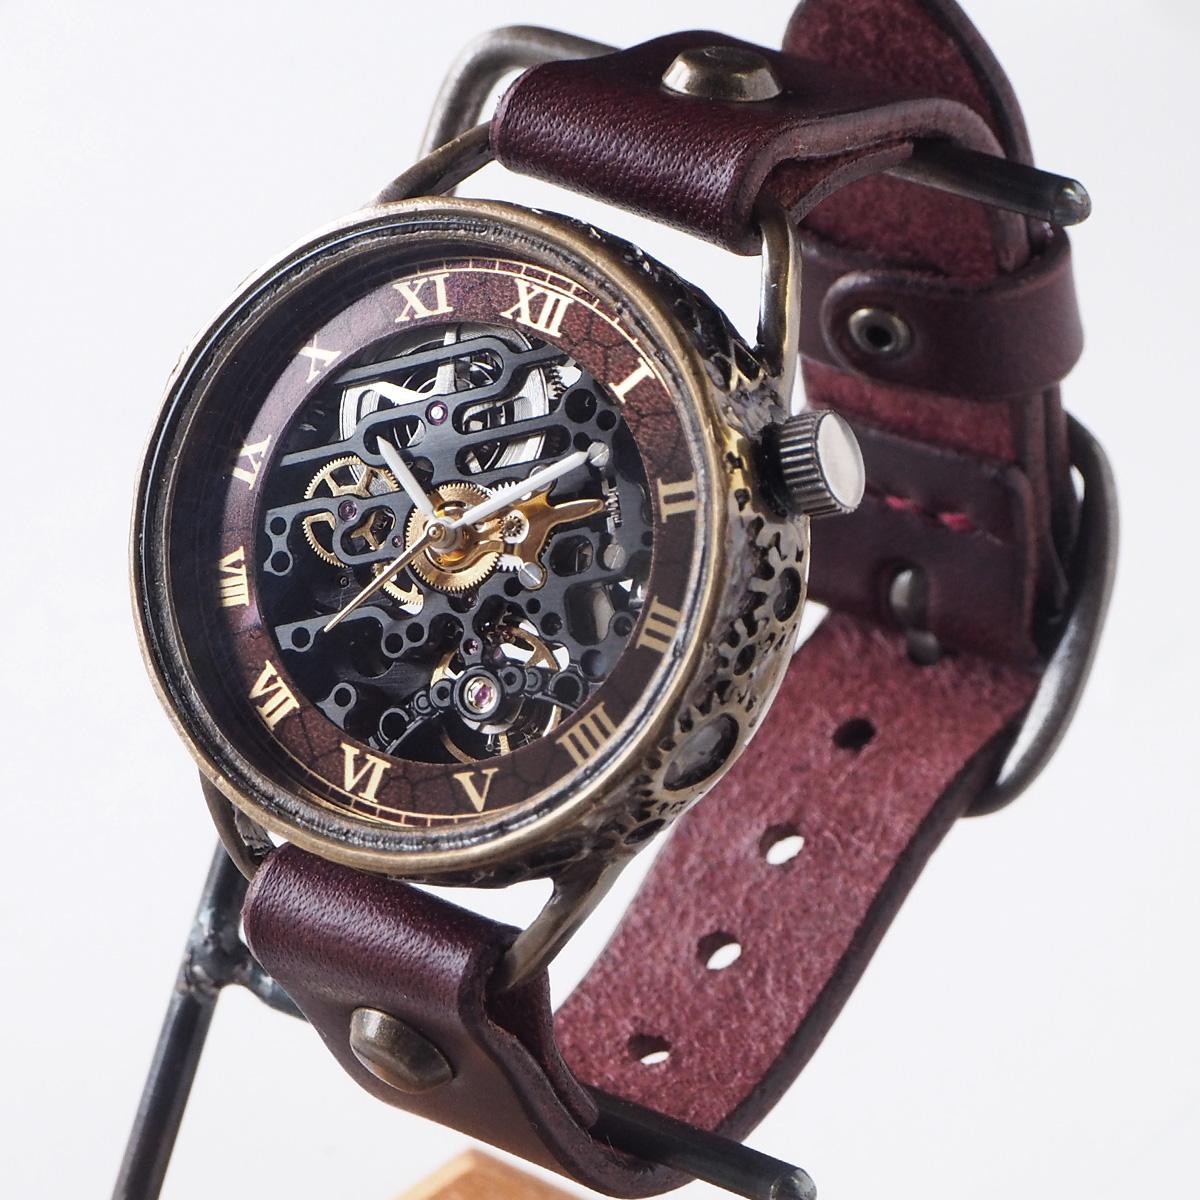 KINO(キノ) 手作り腕時計 自動巻き 裏スケルトン メカニックブラック ワインブラウン [K-15-WINE]